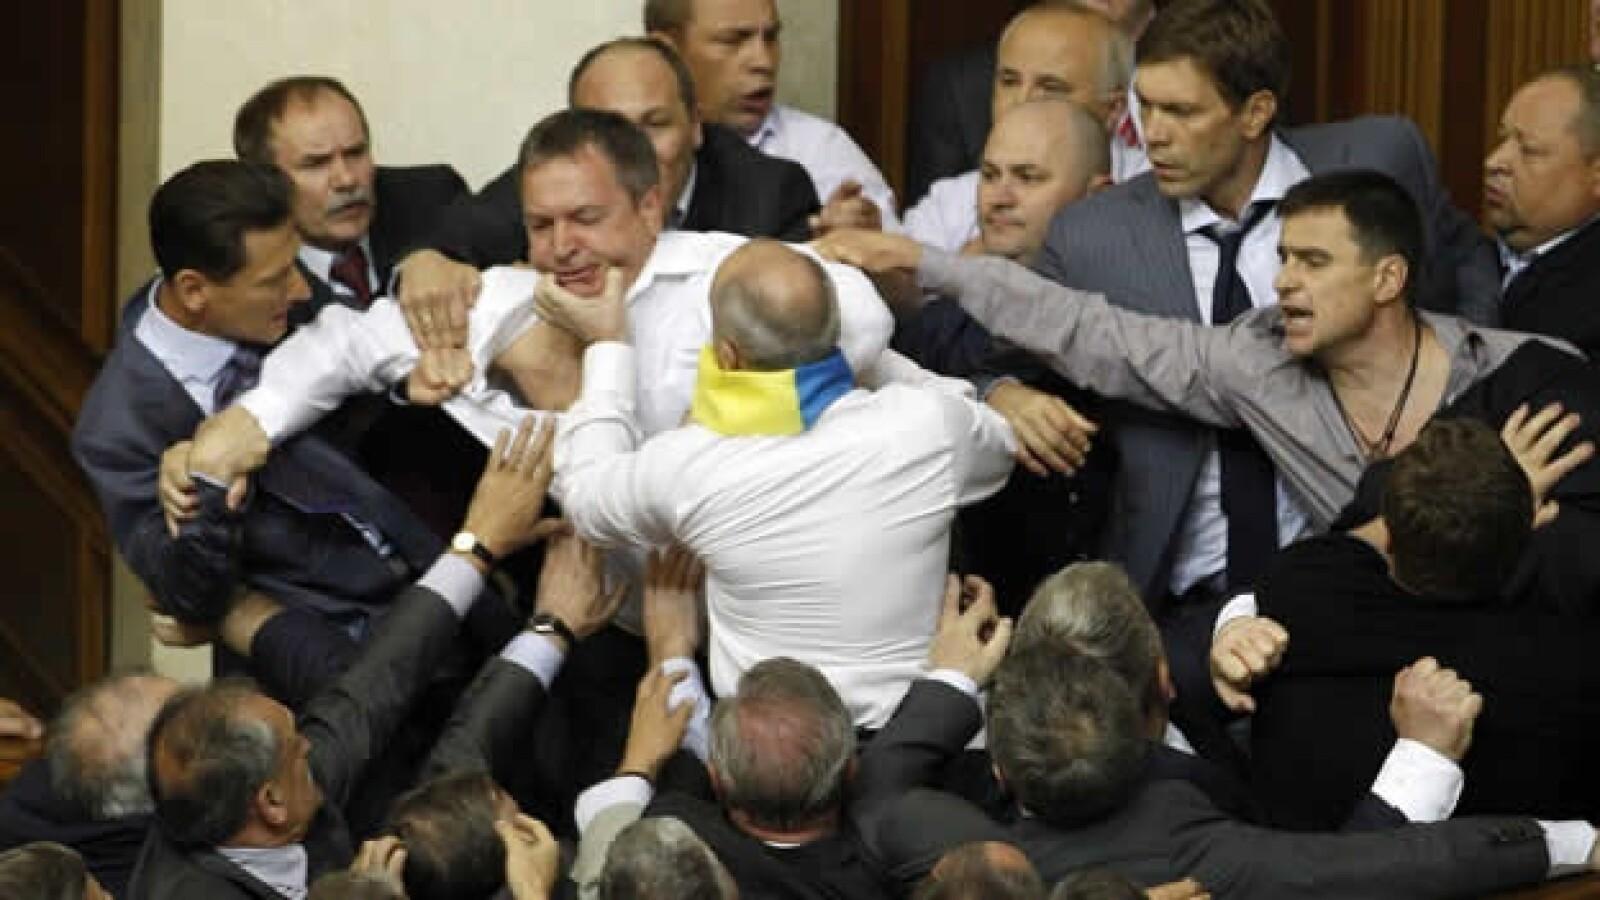 Ucrania Parlamento pelea 7